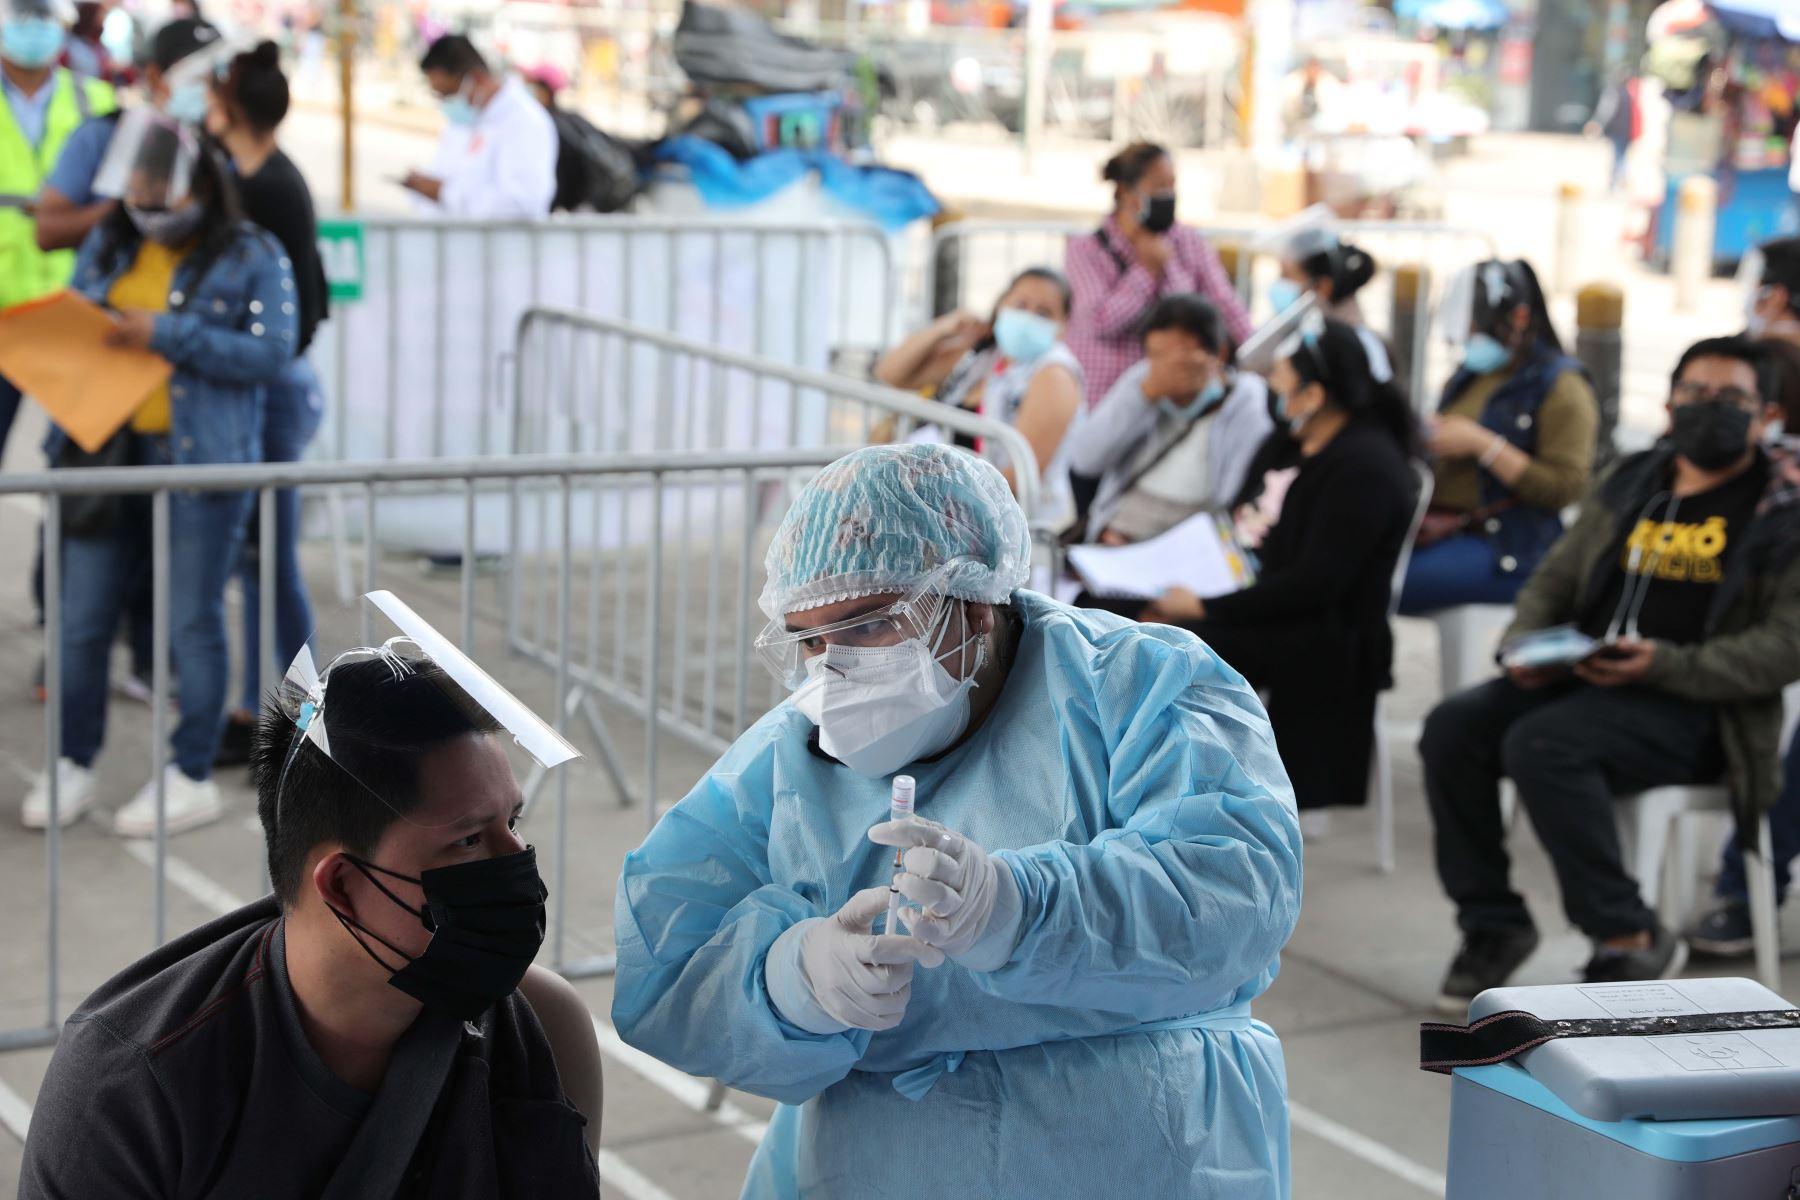 Buenas tardes, Campaña de vacunación para mayores de 23 años en estación Los Jardines del Metro de Lima en el distrito de San Juan de Lurigancho. Foto:Andrés Valle